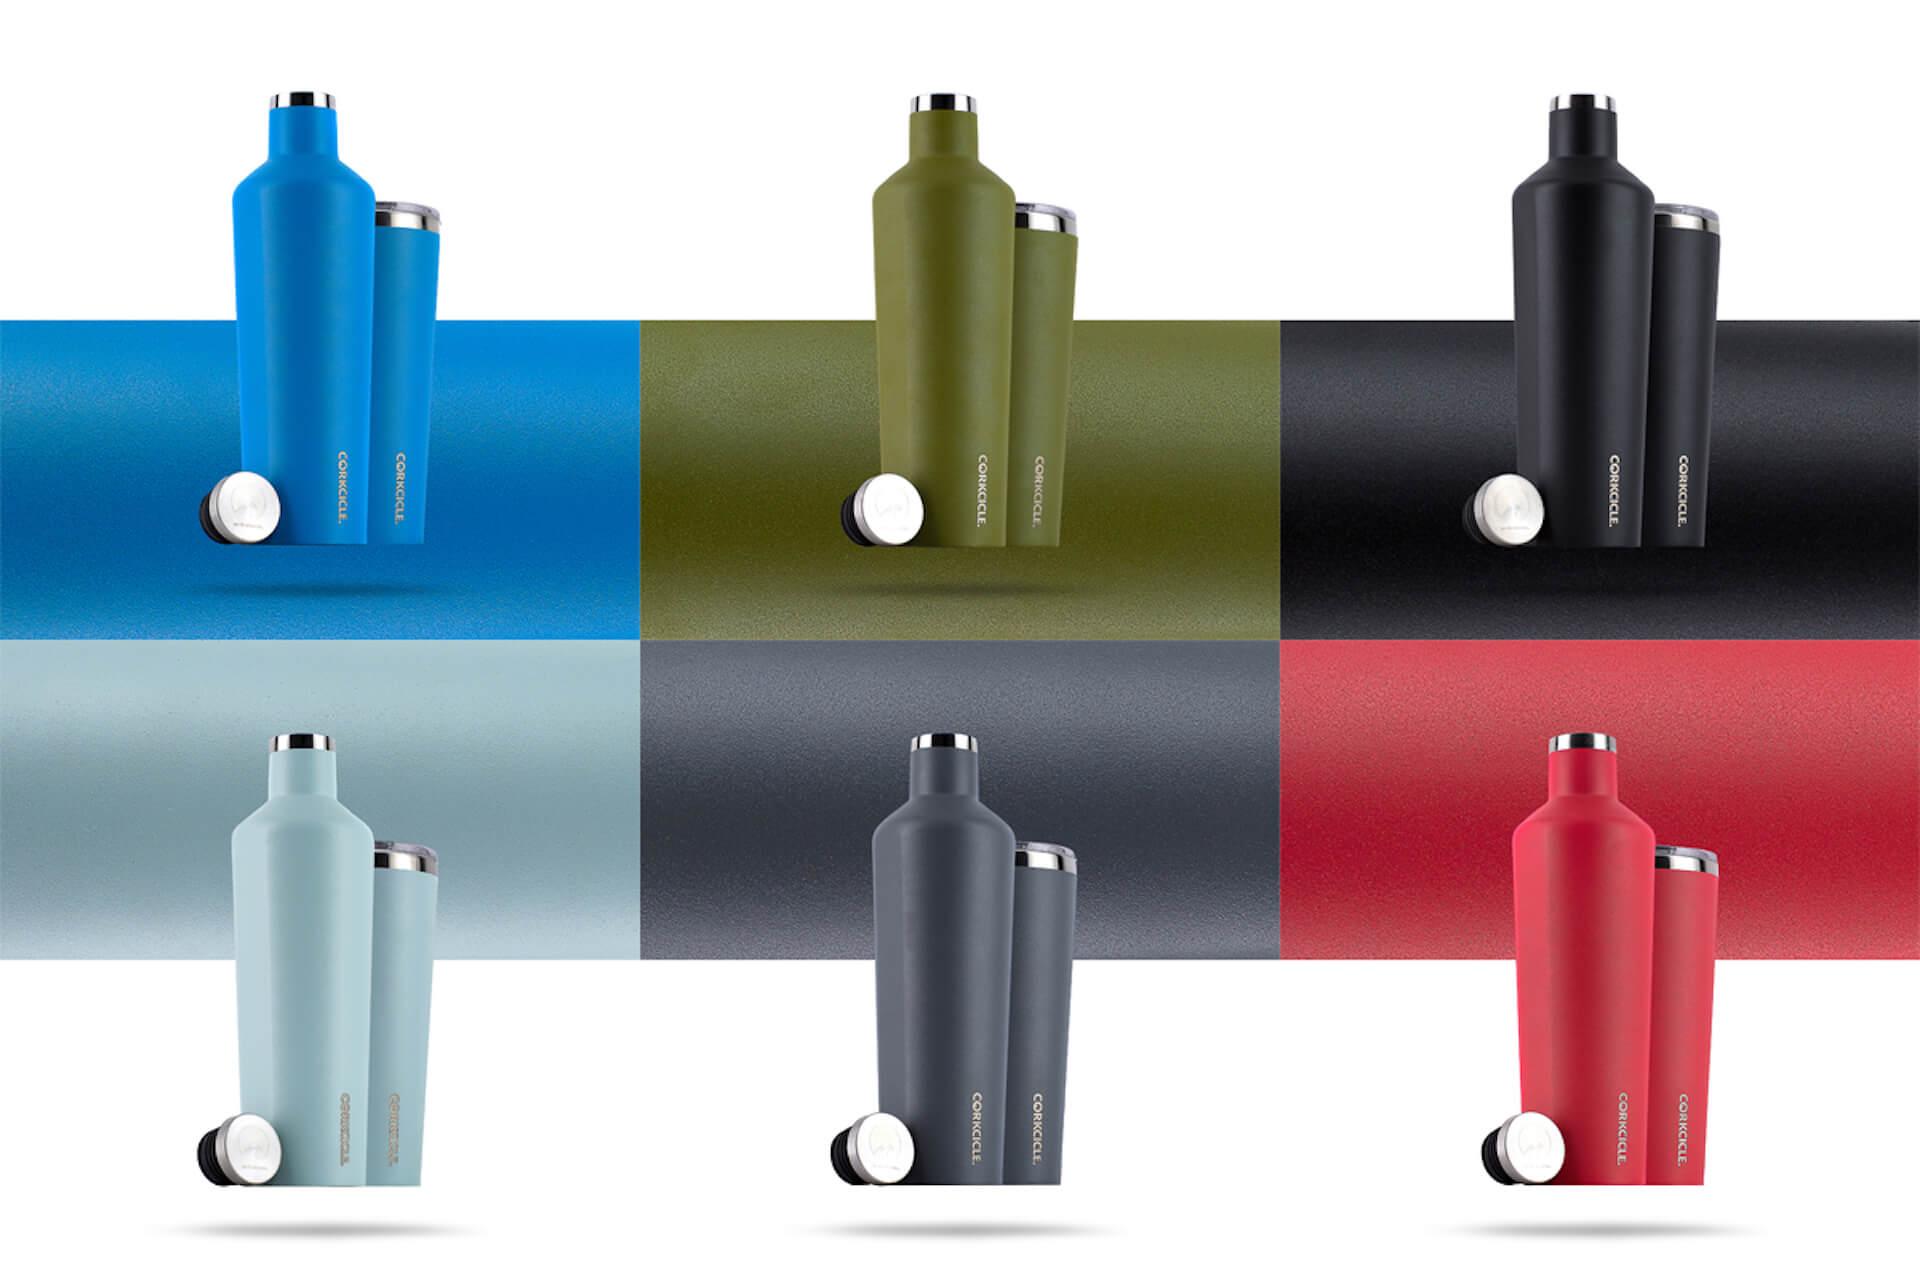 【2020年・最新おすすめ水筒21選!】スリムから大容量まで、機能性とデザイン性を兼ね備えたおしゃれボトルを厳選! tech200730_jeep_bottle_13